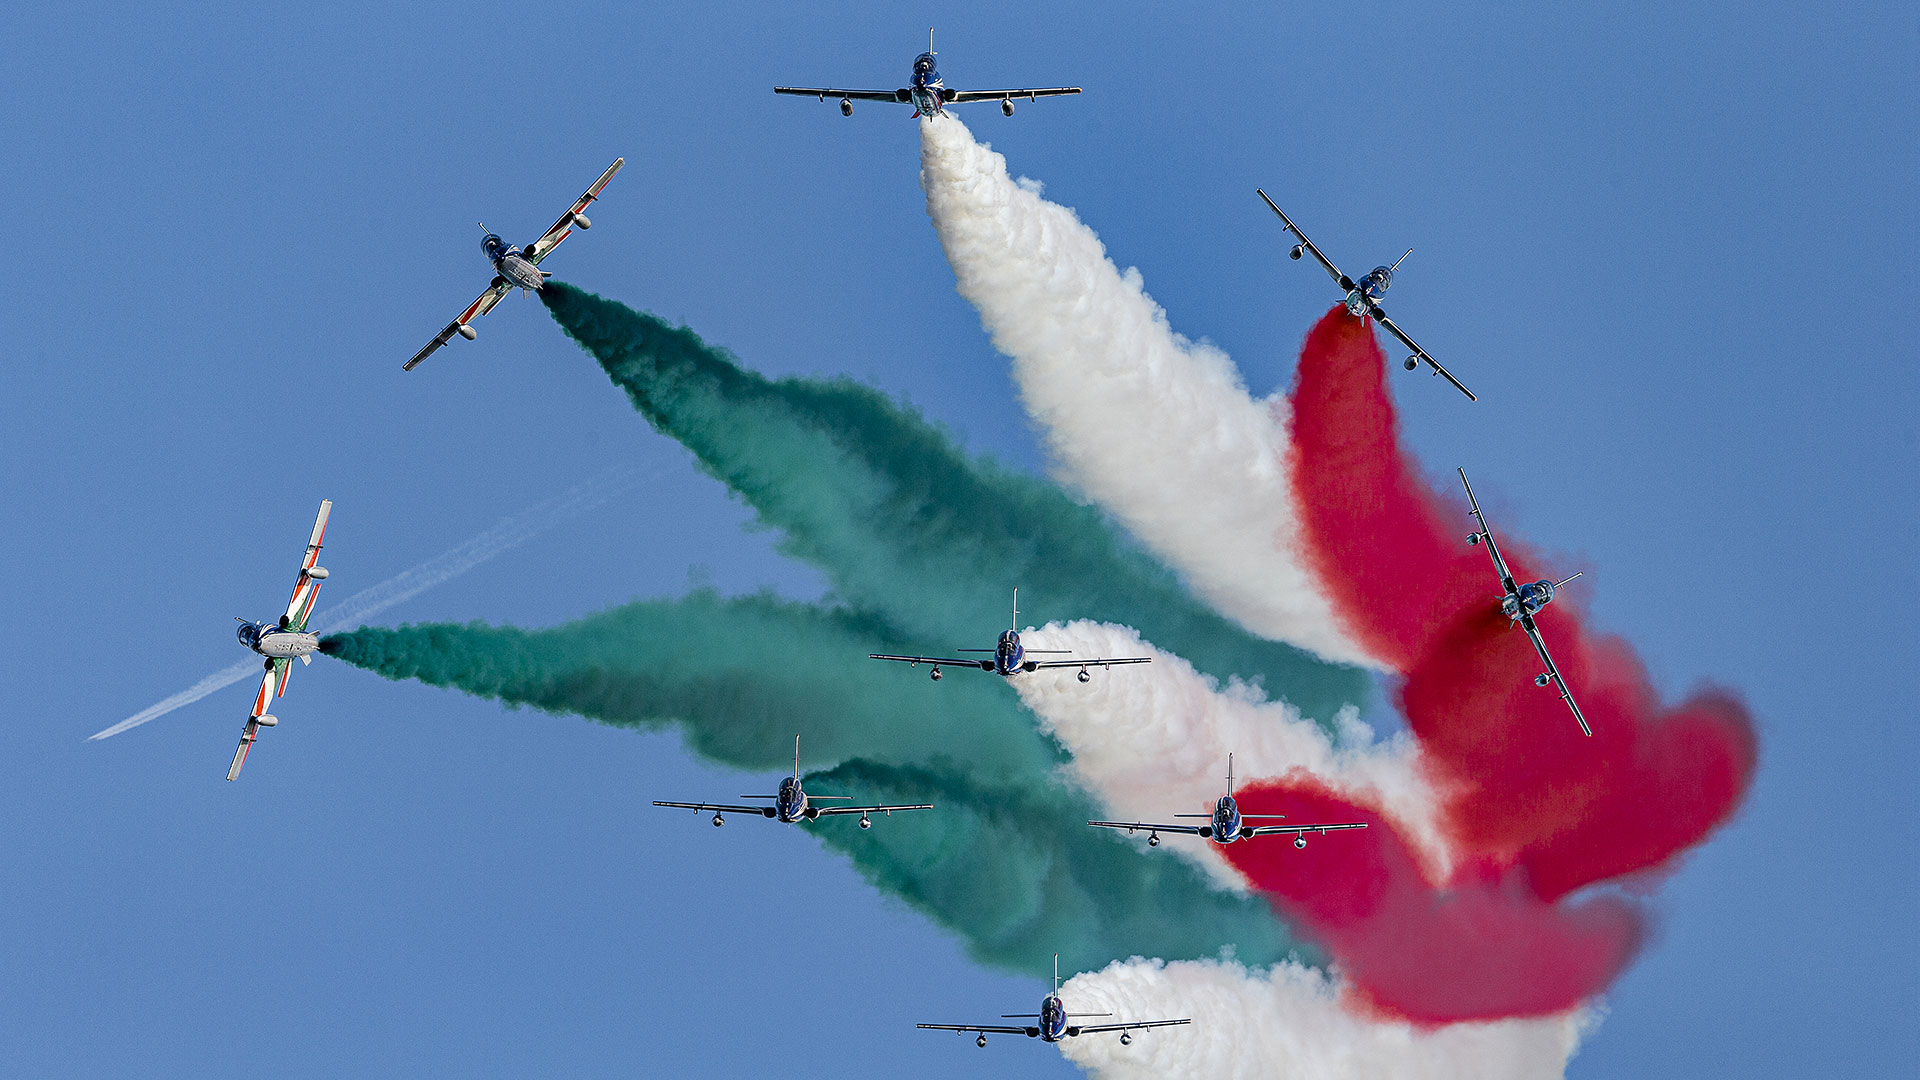 frecce-tricolori-60-anni-pan-pattuglia-acrobatica-nazionale-aeronautica-militare-(3)